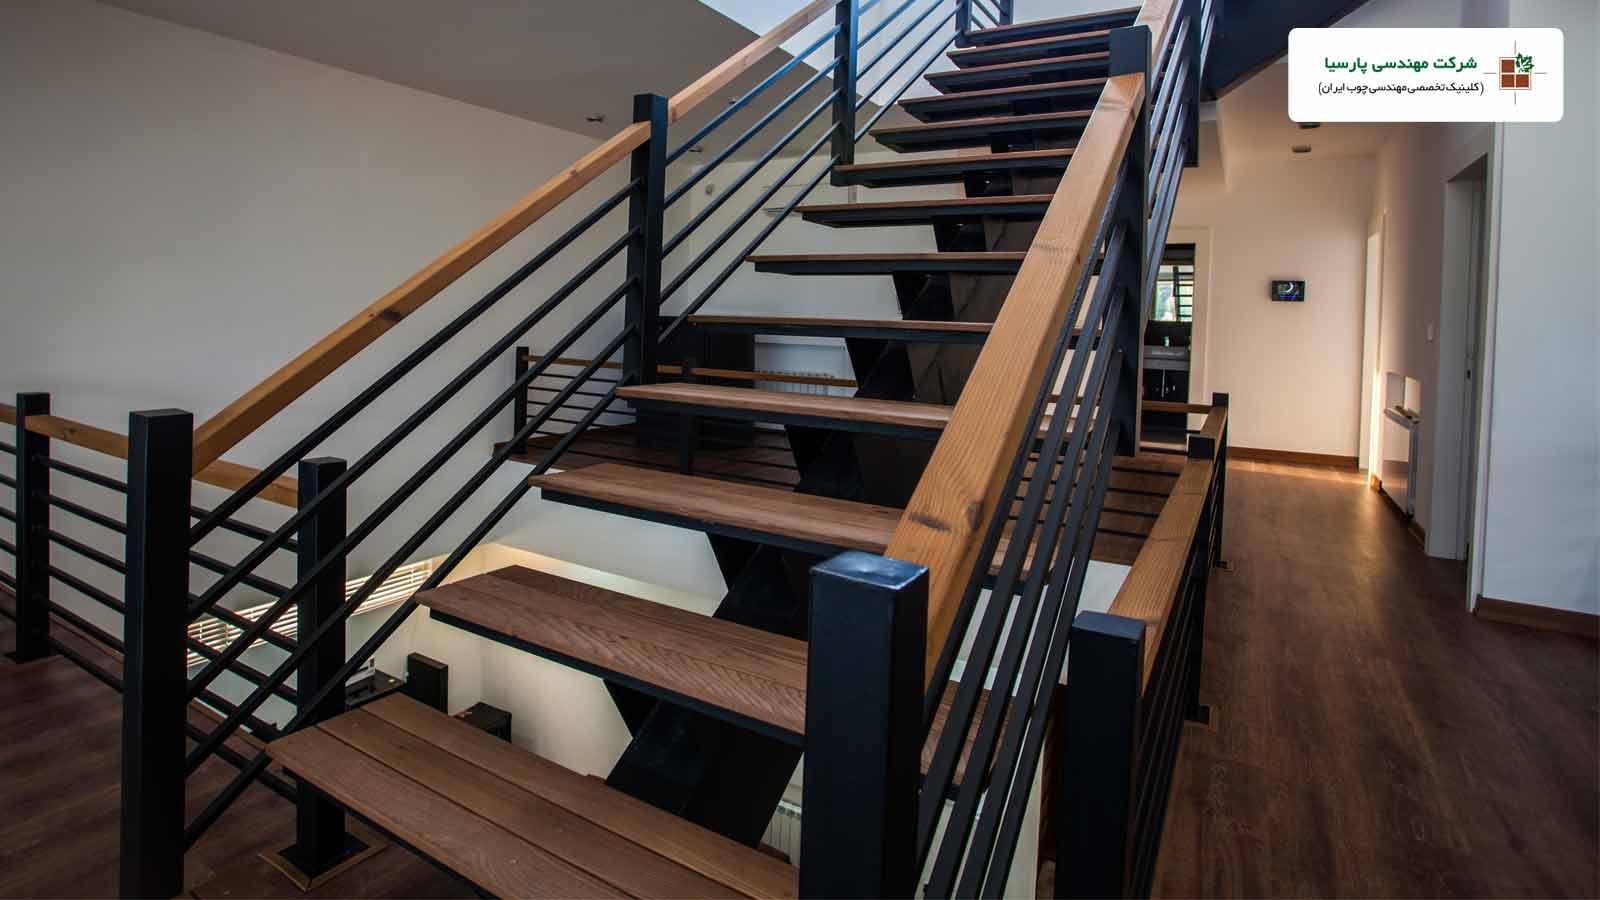 راه پله و کف چوبی ترموود